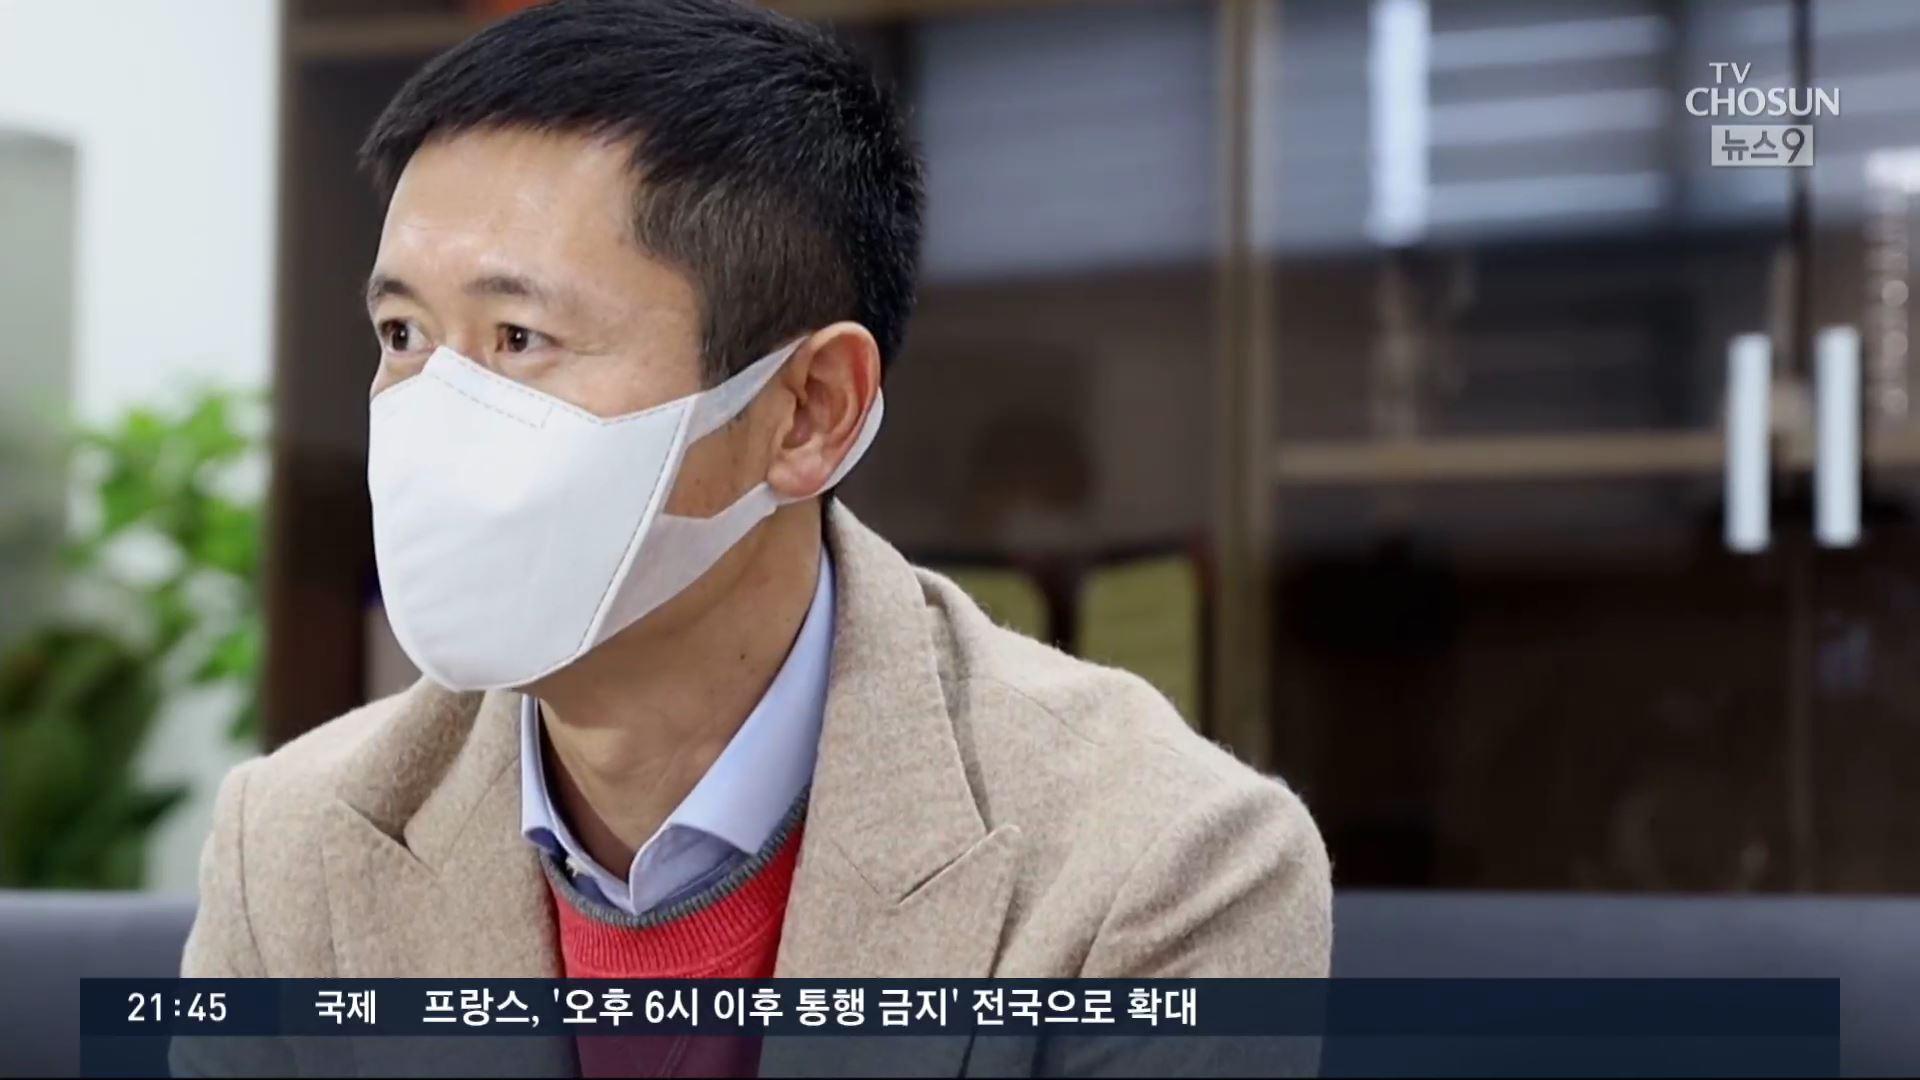 '토트넘과 전용구장 개장 경기 꿈꾼다'…이영표 사장의 출사표